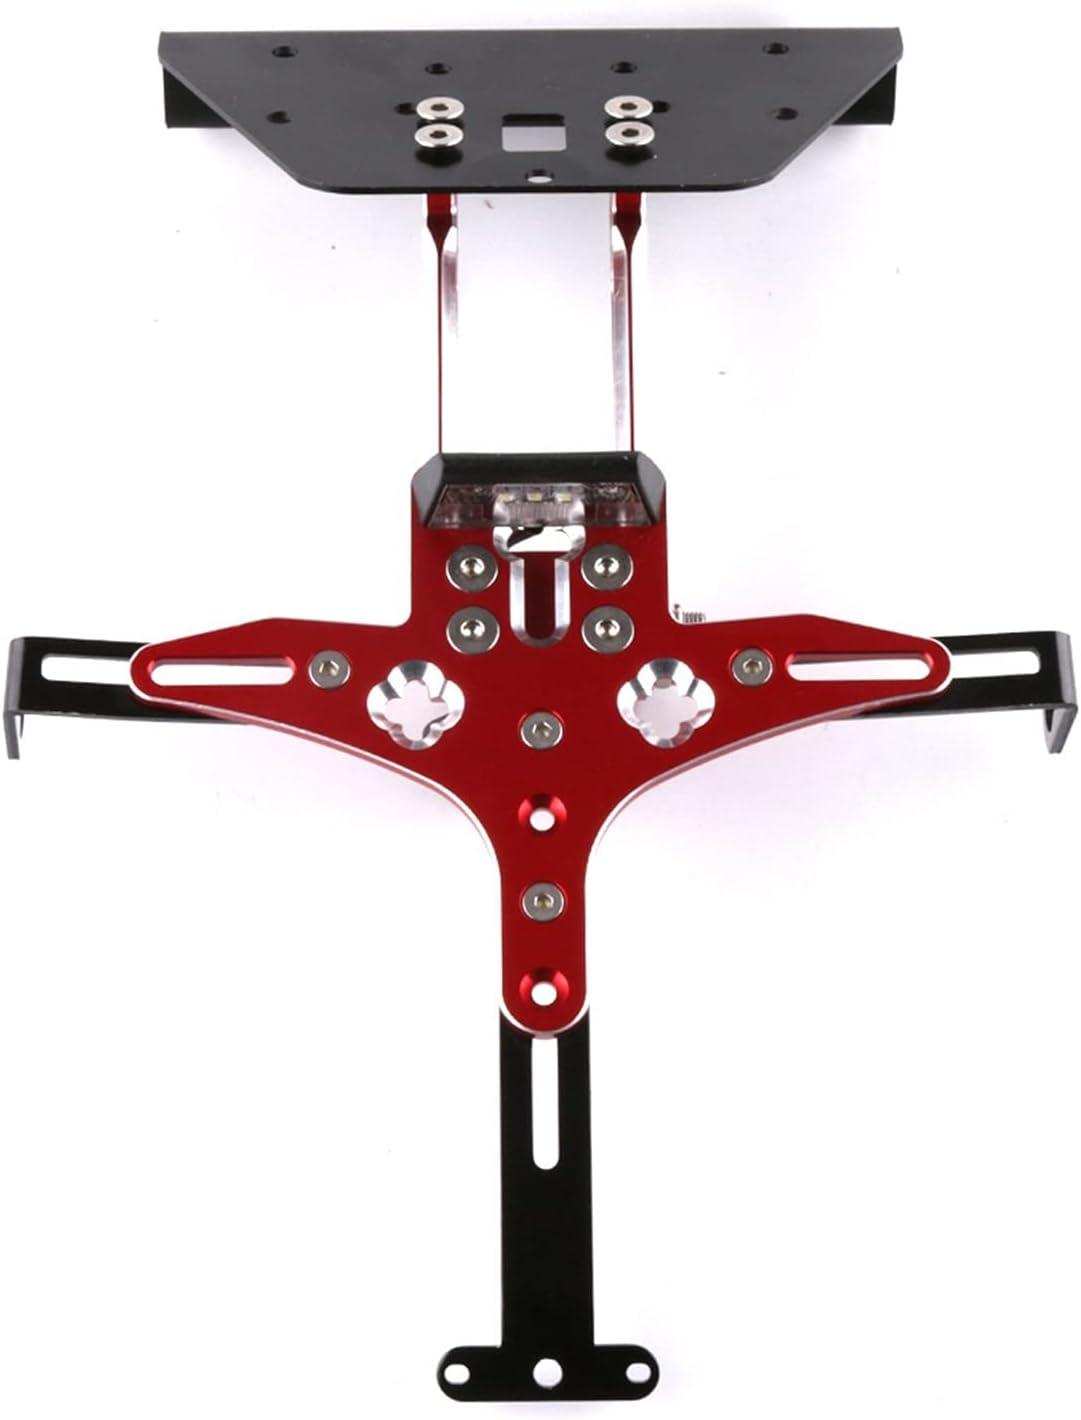 Ting Ting TTRS Store CNC Registro de Licencia Número de Placa Soporte de Soporte Montaje Kit Adecuado para KYMCO AK550 AK 550 2017 2018 Accesorios de la Scooter de la Motocicleta (Color : Red)